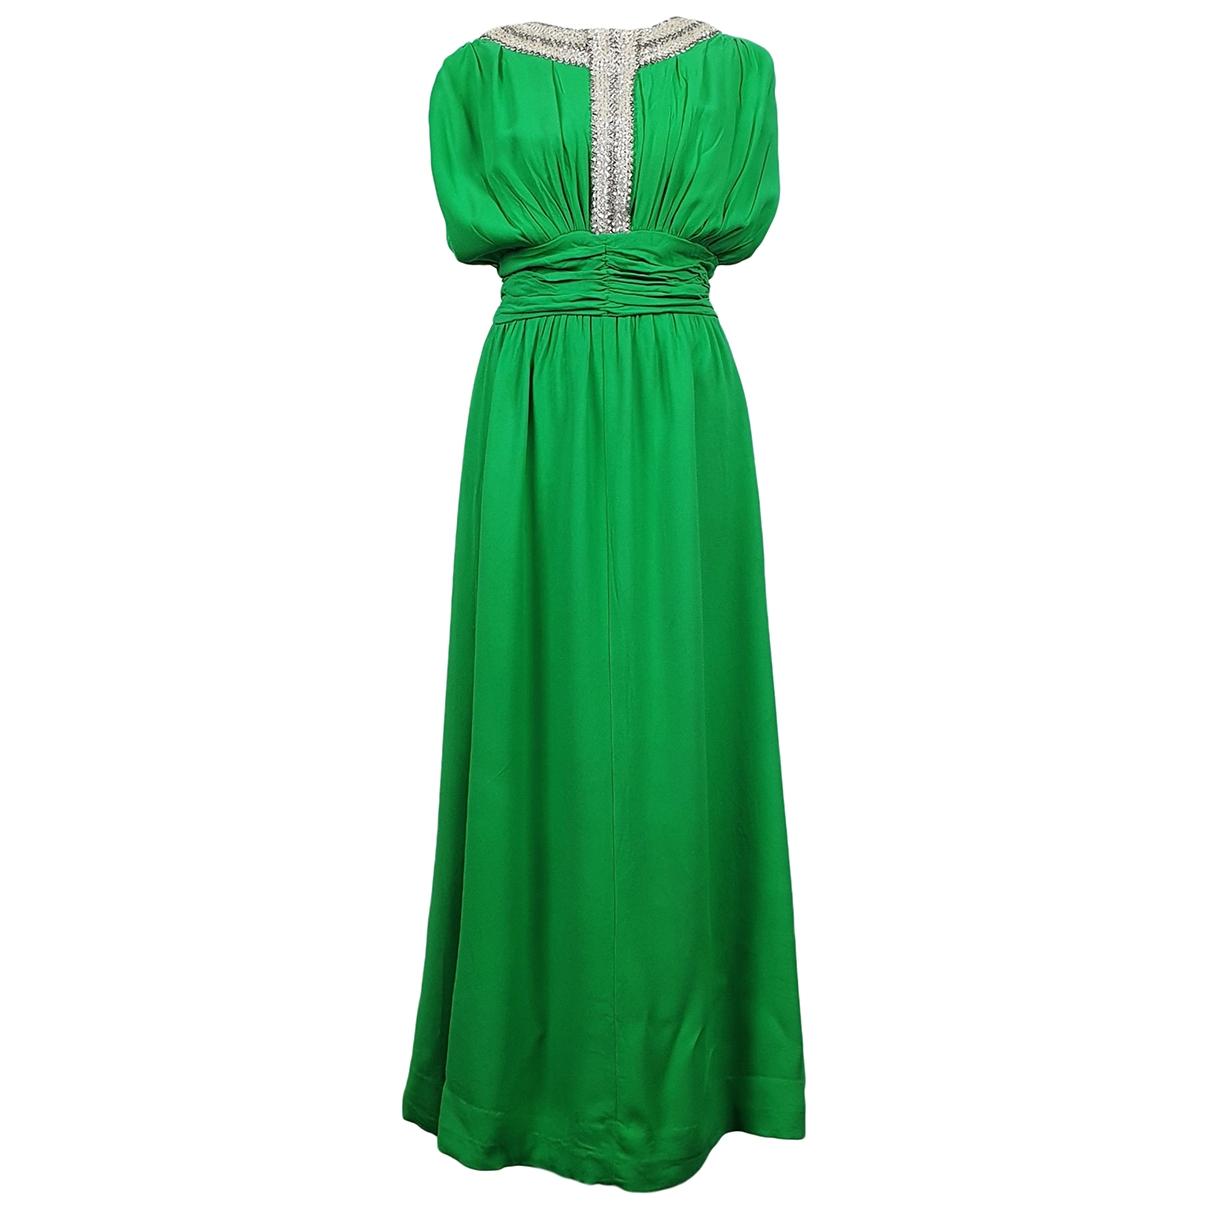 - Robe Epaulettes pour femme en a paillettes - vert